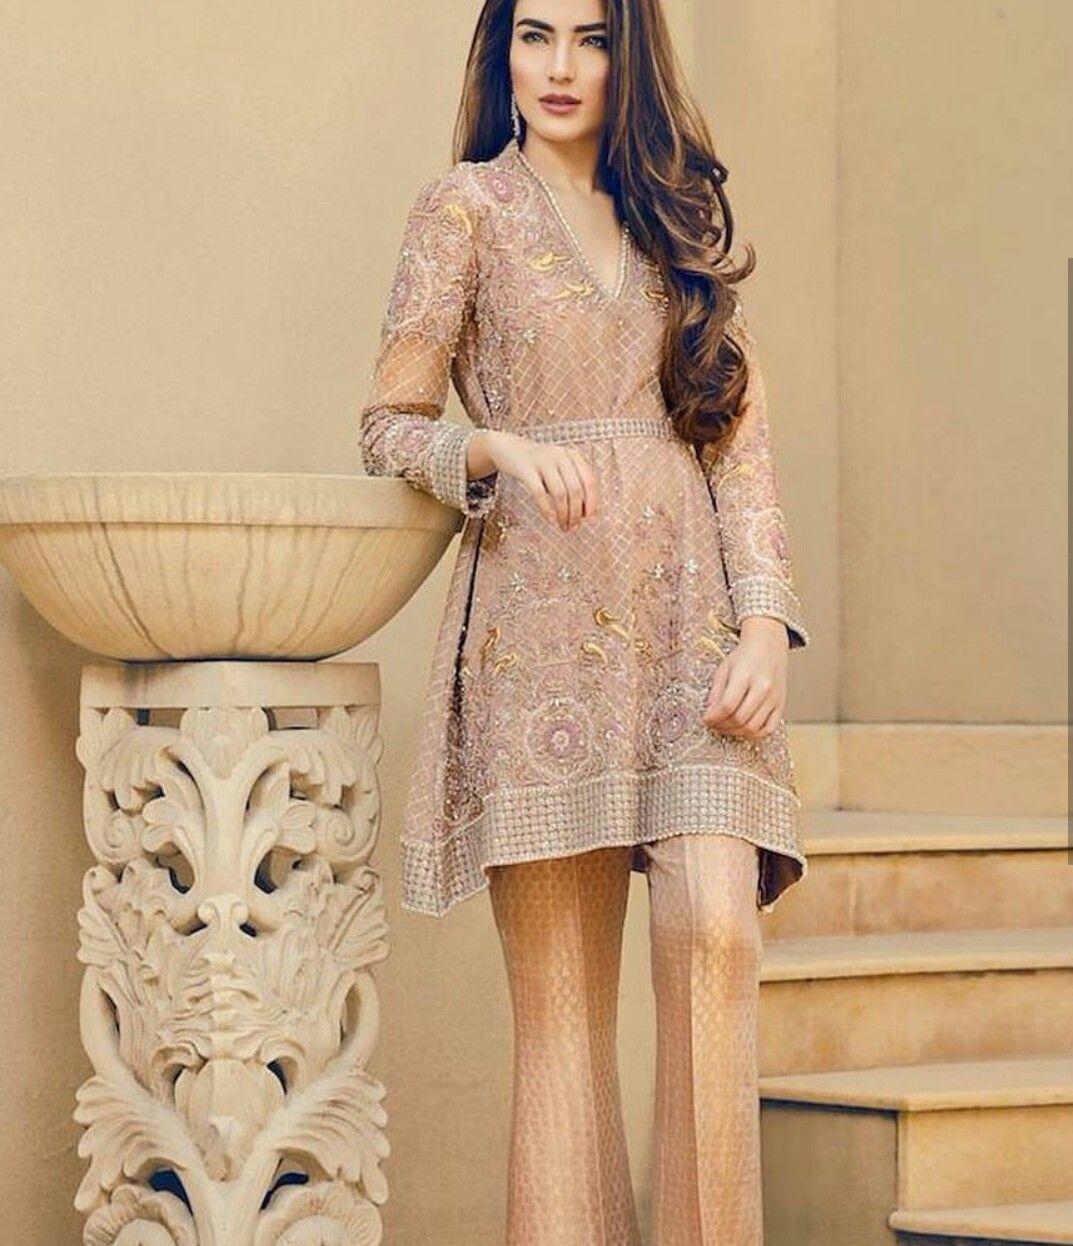 Pakistanidress clothes fashion new beautiful pakistani fashion